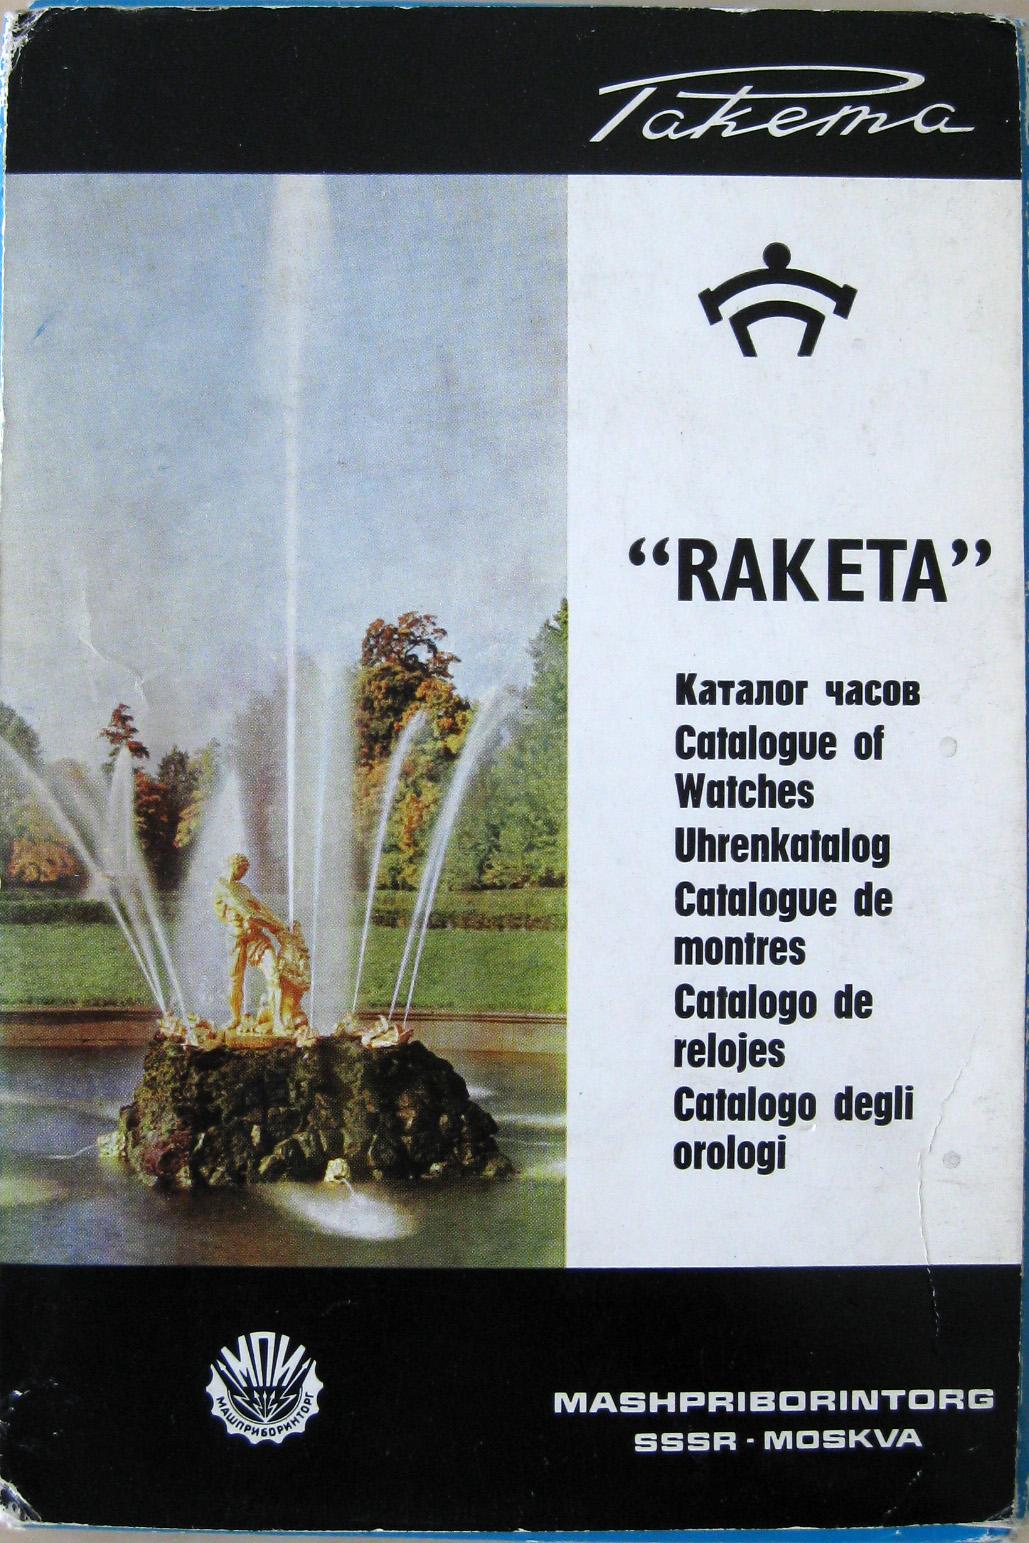 Heureux possesseurs de RAKETA , montrez nous vos plus belles pièces ! - Page 7 18070604070896683